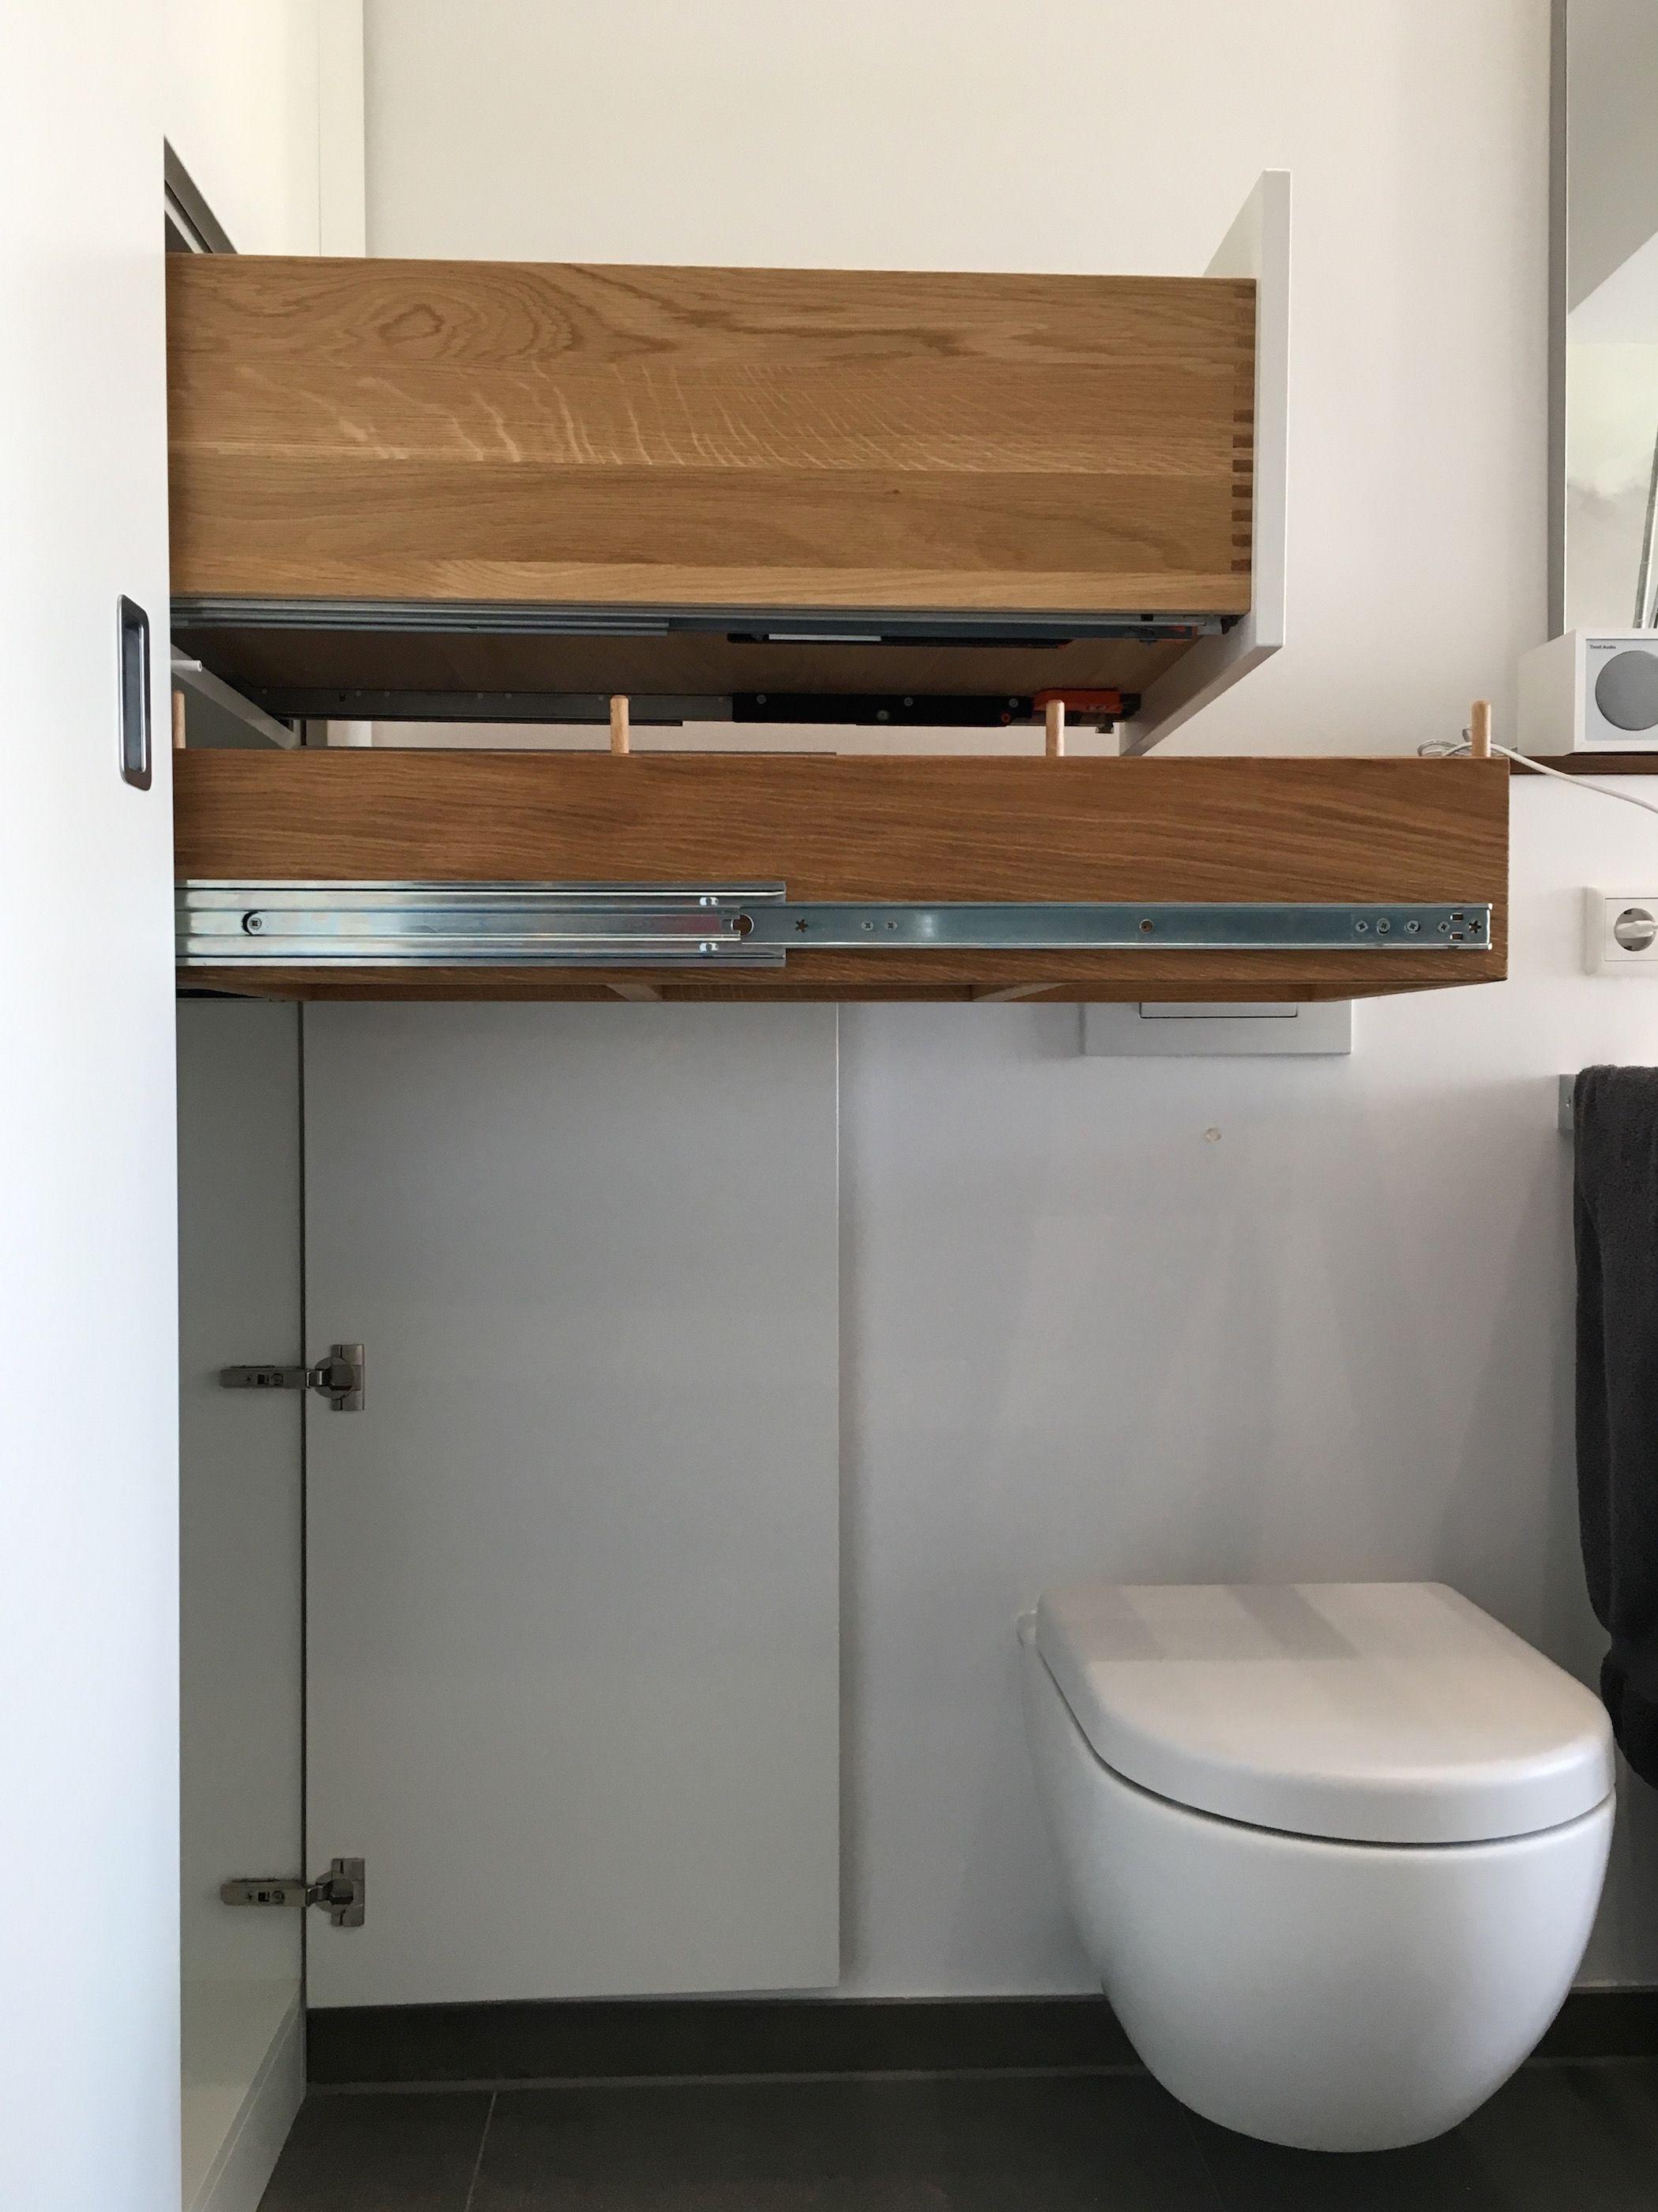 Badezimmerschrank   Einbauschrank, Schrank, Einbauschrank im bad